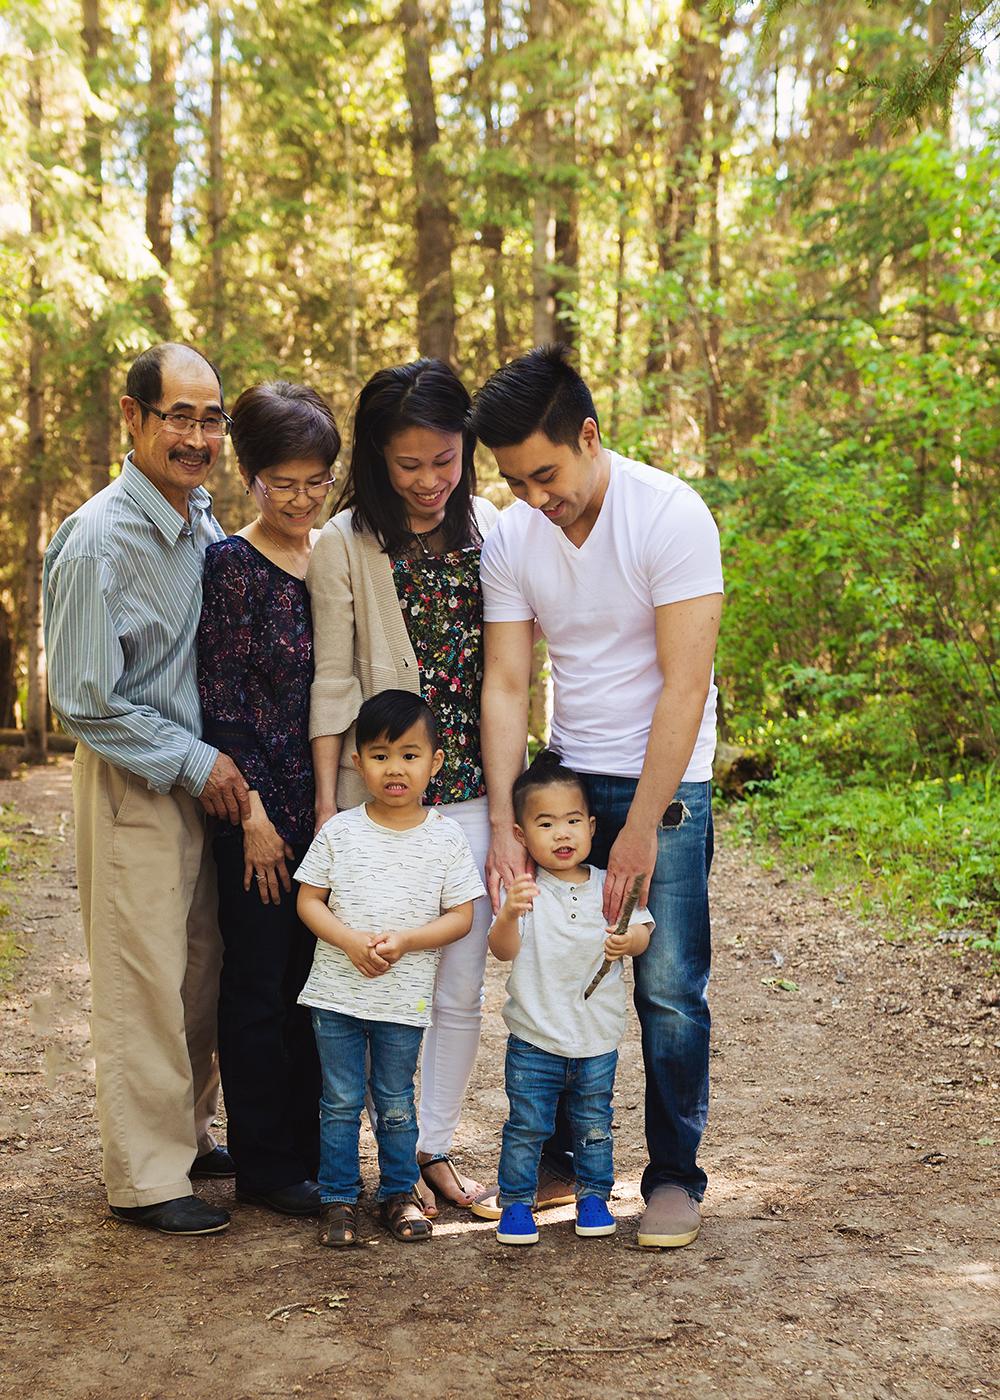 Edmonton Family Photographer_Bong Extended Family 1.jpg